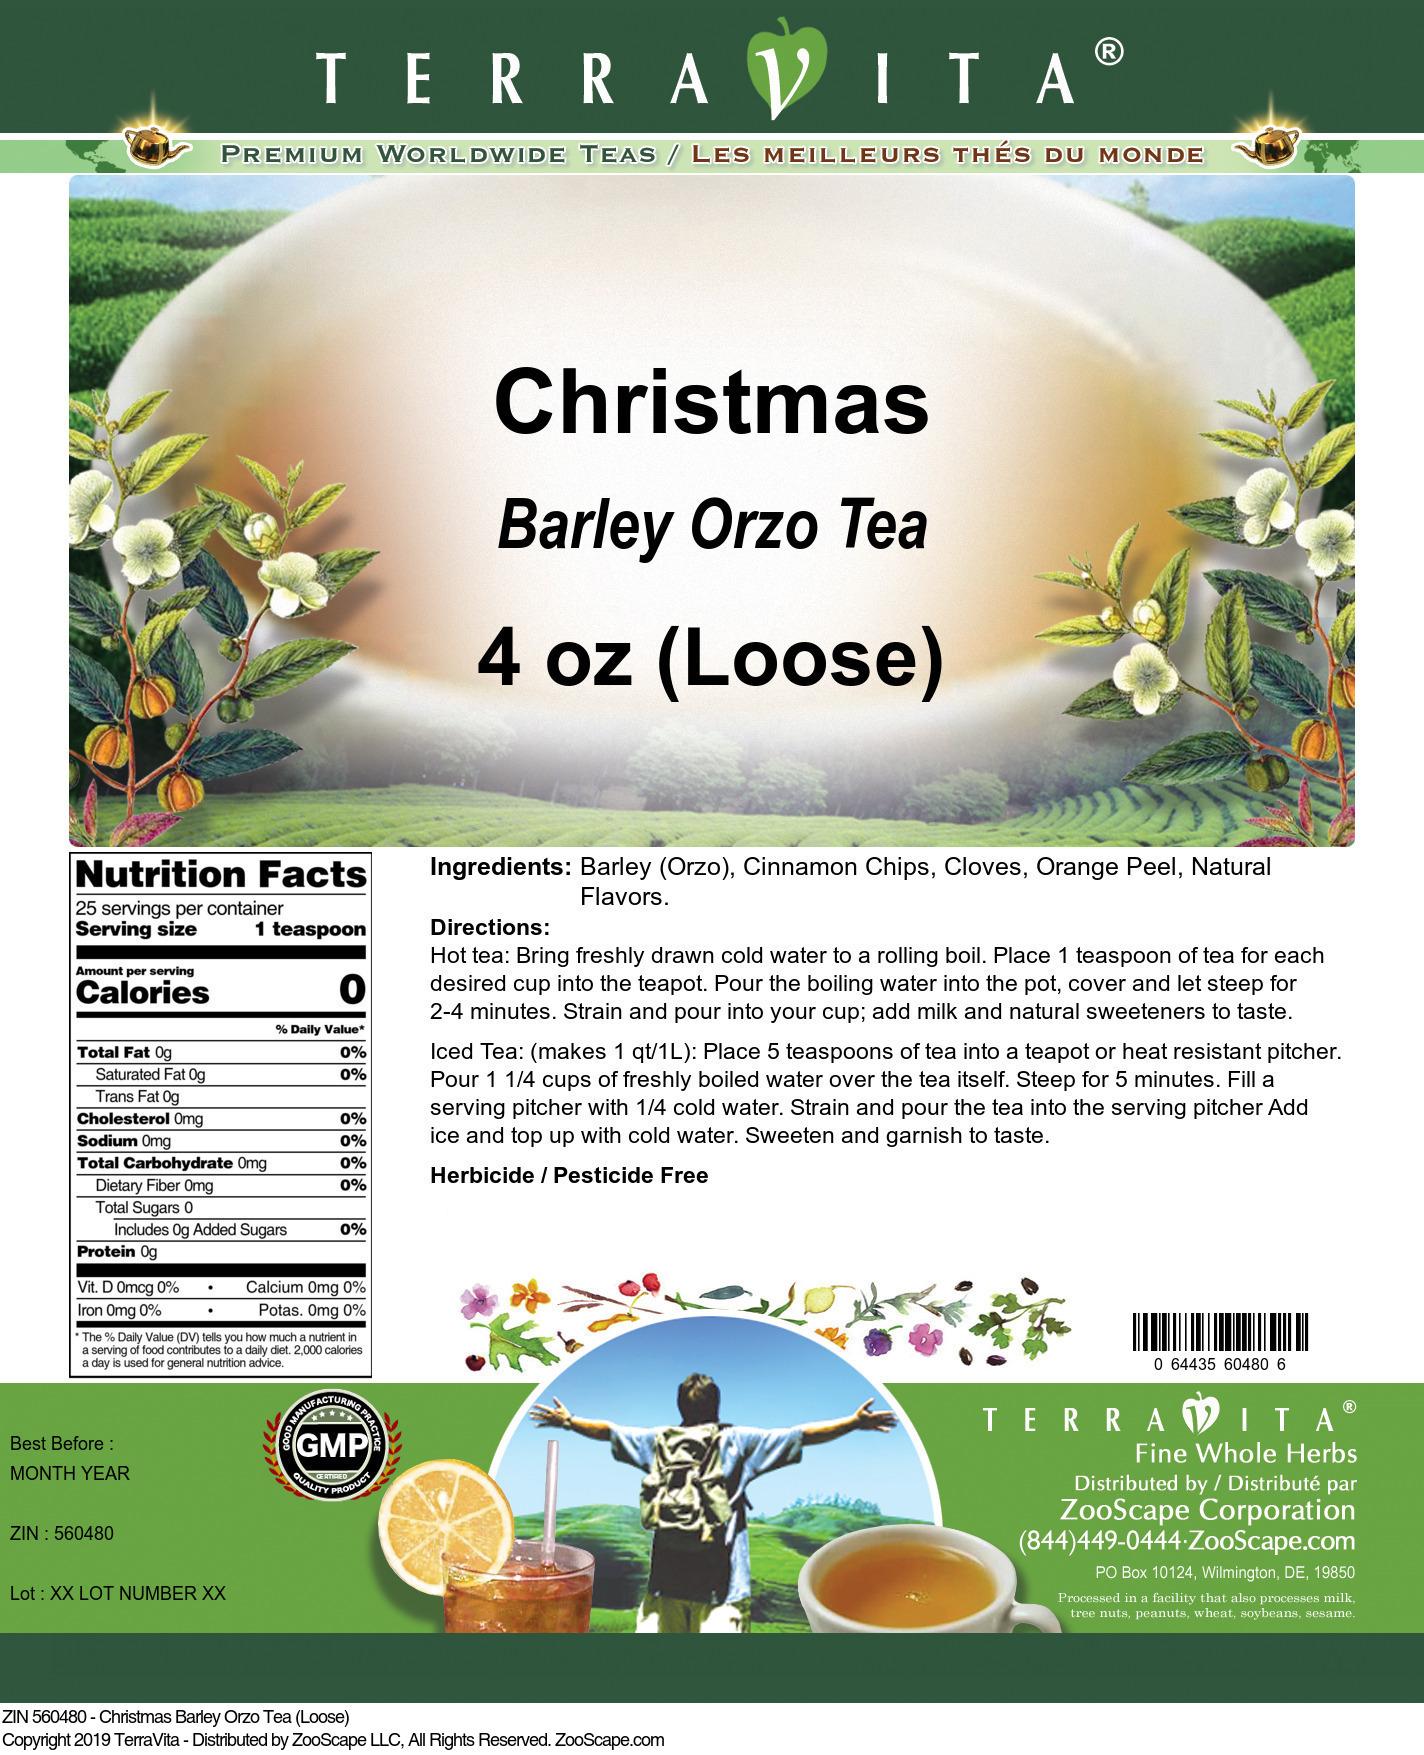 Christmas Barley Orzo Tea (Loose)